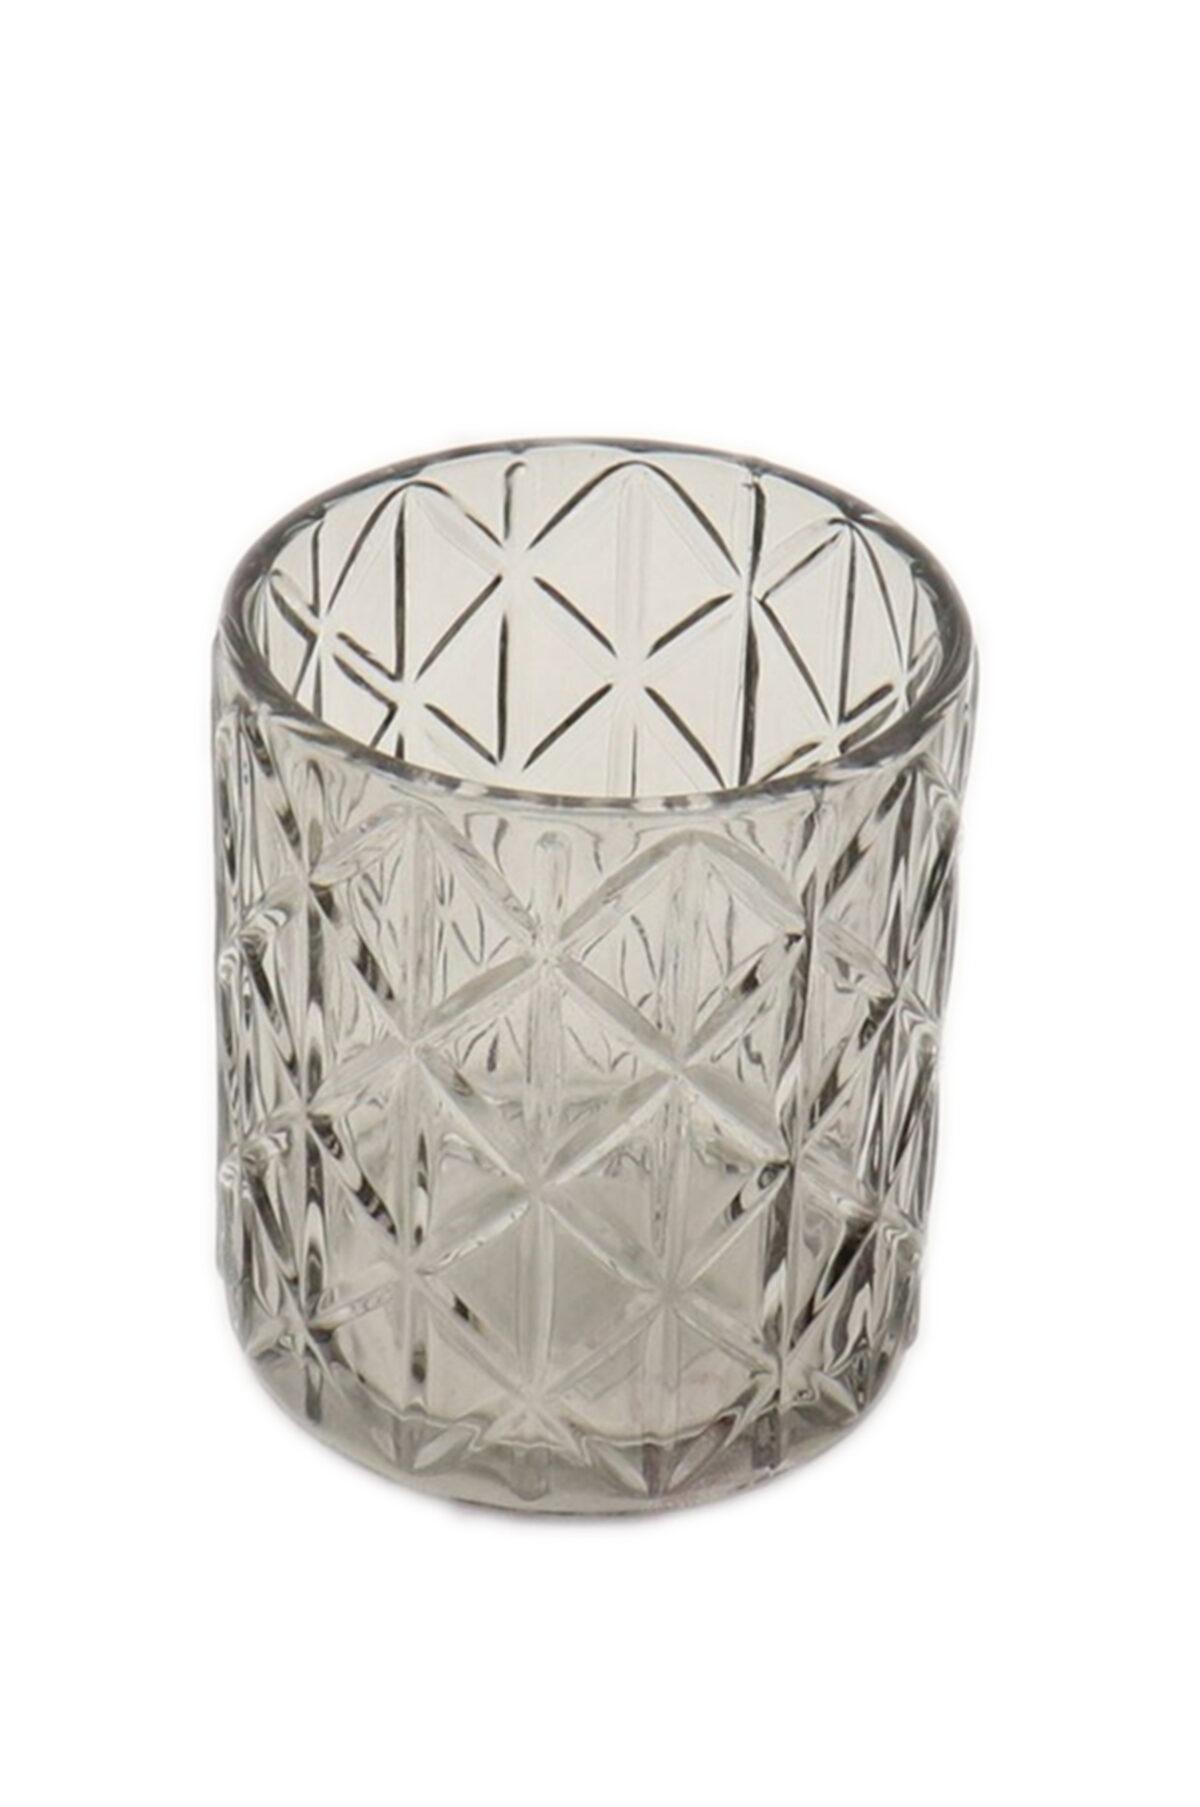 Portacandele porta t-light in vetro grigio brillante d. 12,5 h. 10 cm